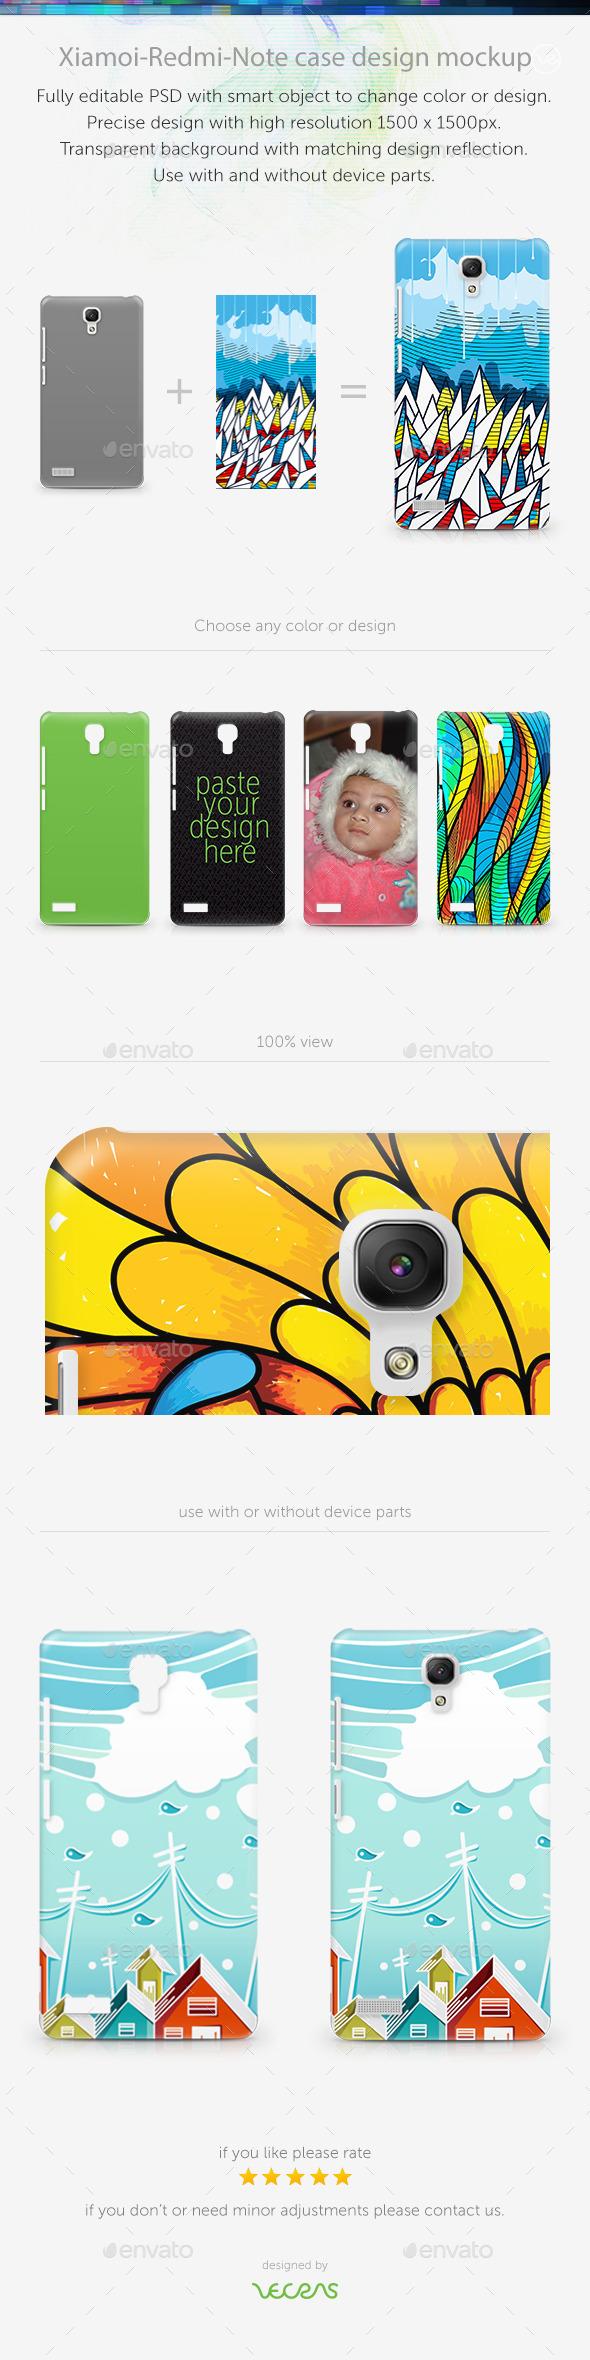 Xiamoi-RedMi-Note Case Design Mockup - Mobile Displays